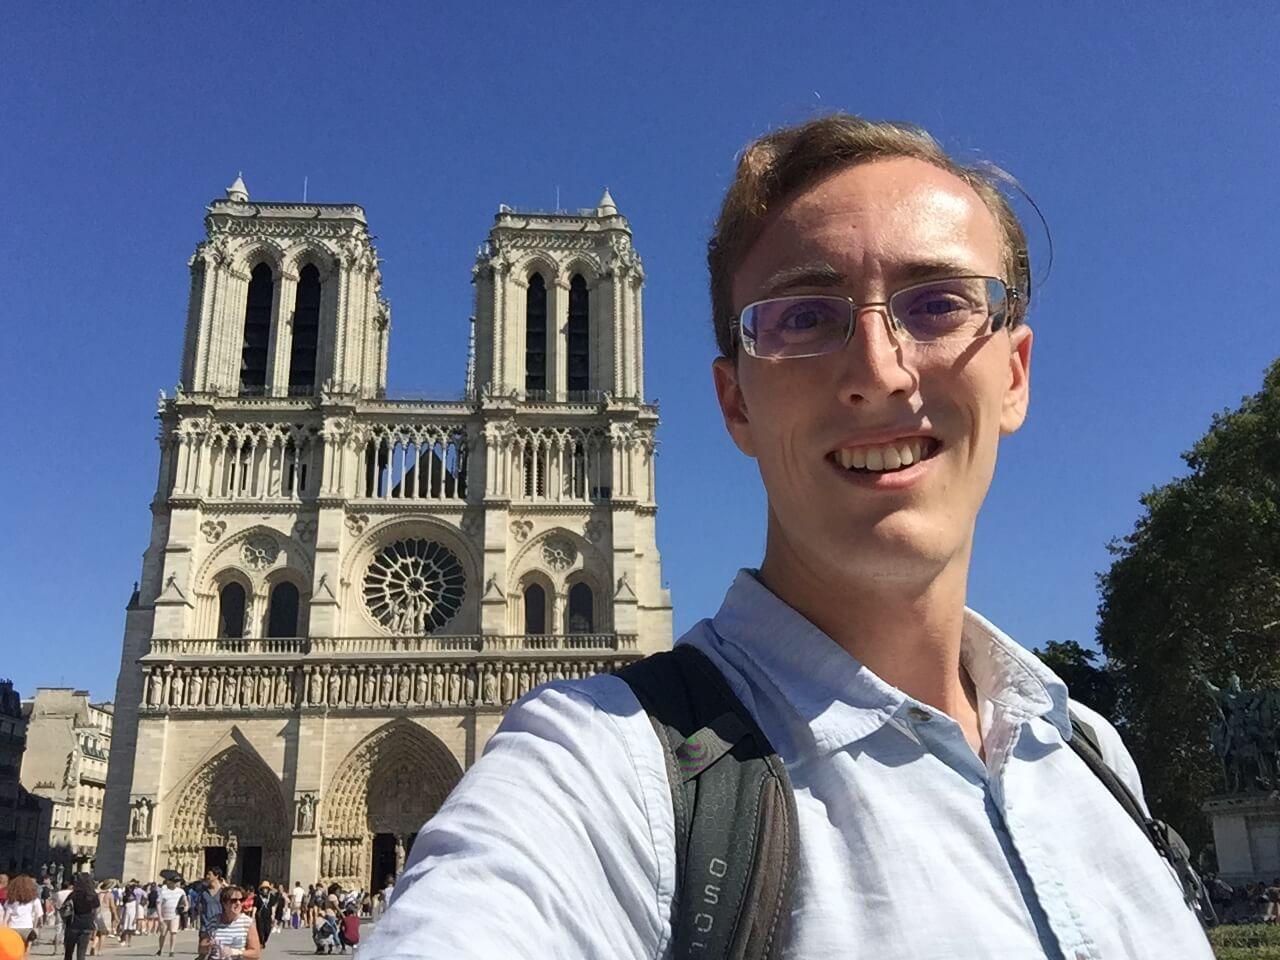 Selfie with Notre Dame de Paris, Paris, France